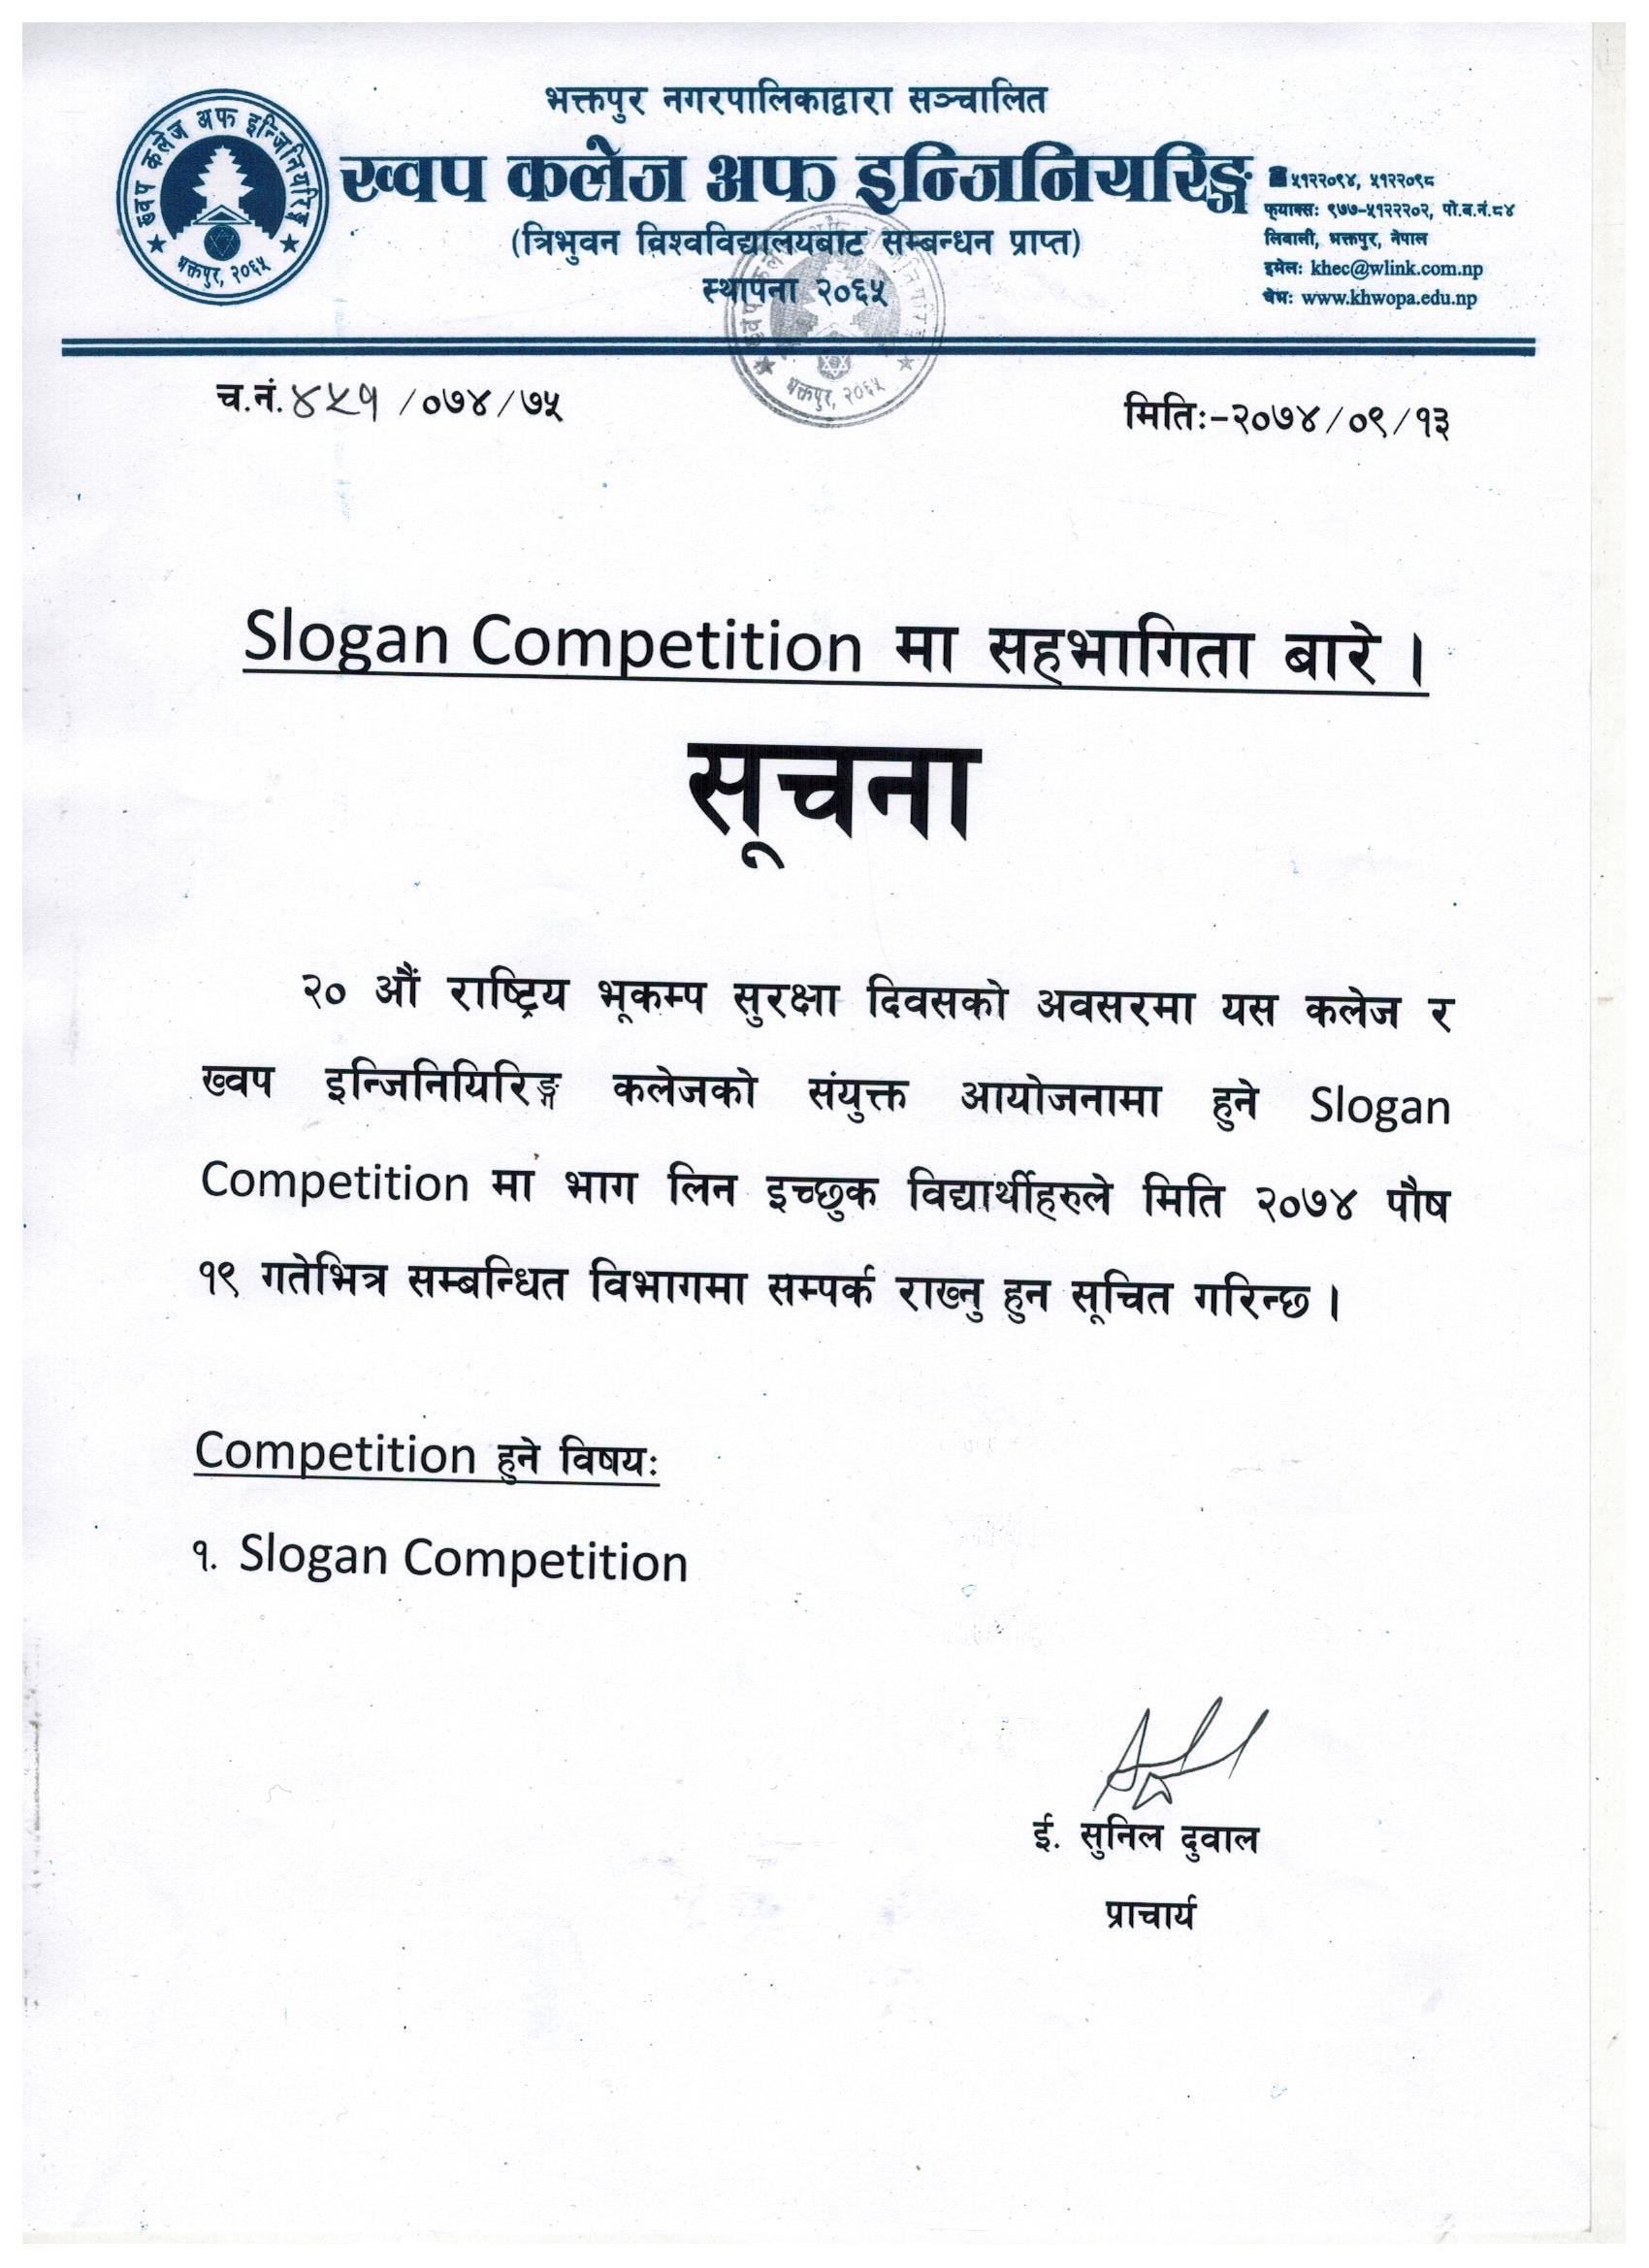 Slogan Competition मा सहभागिताबारे सूचना ।